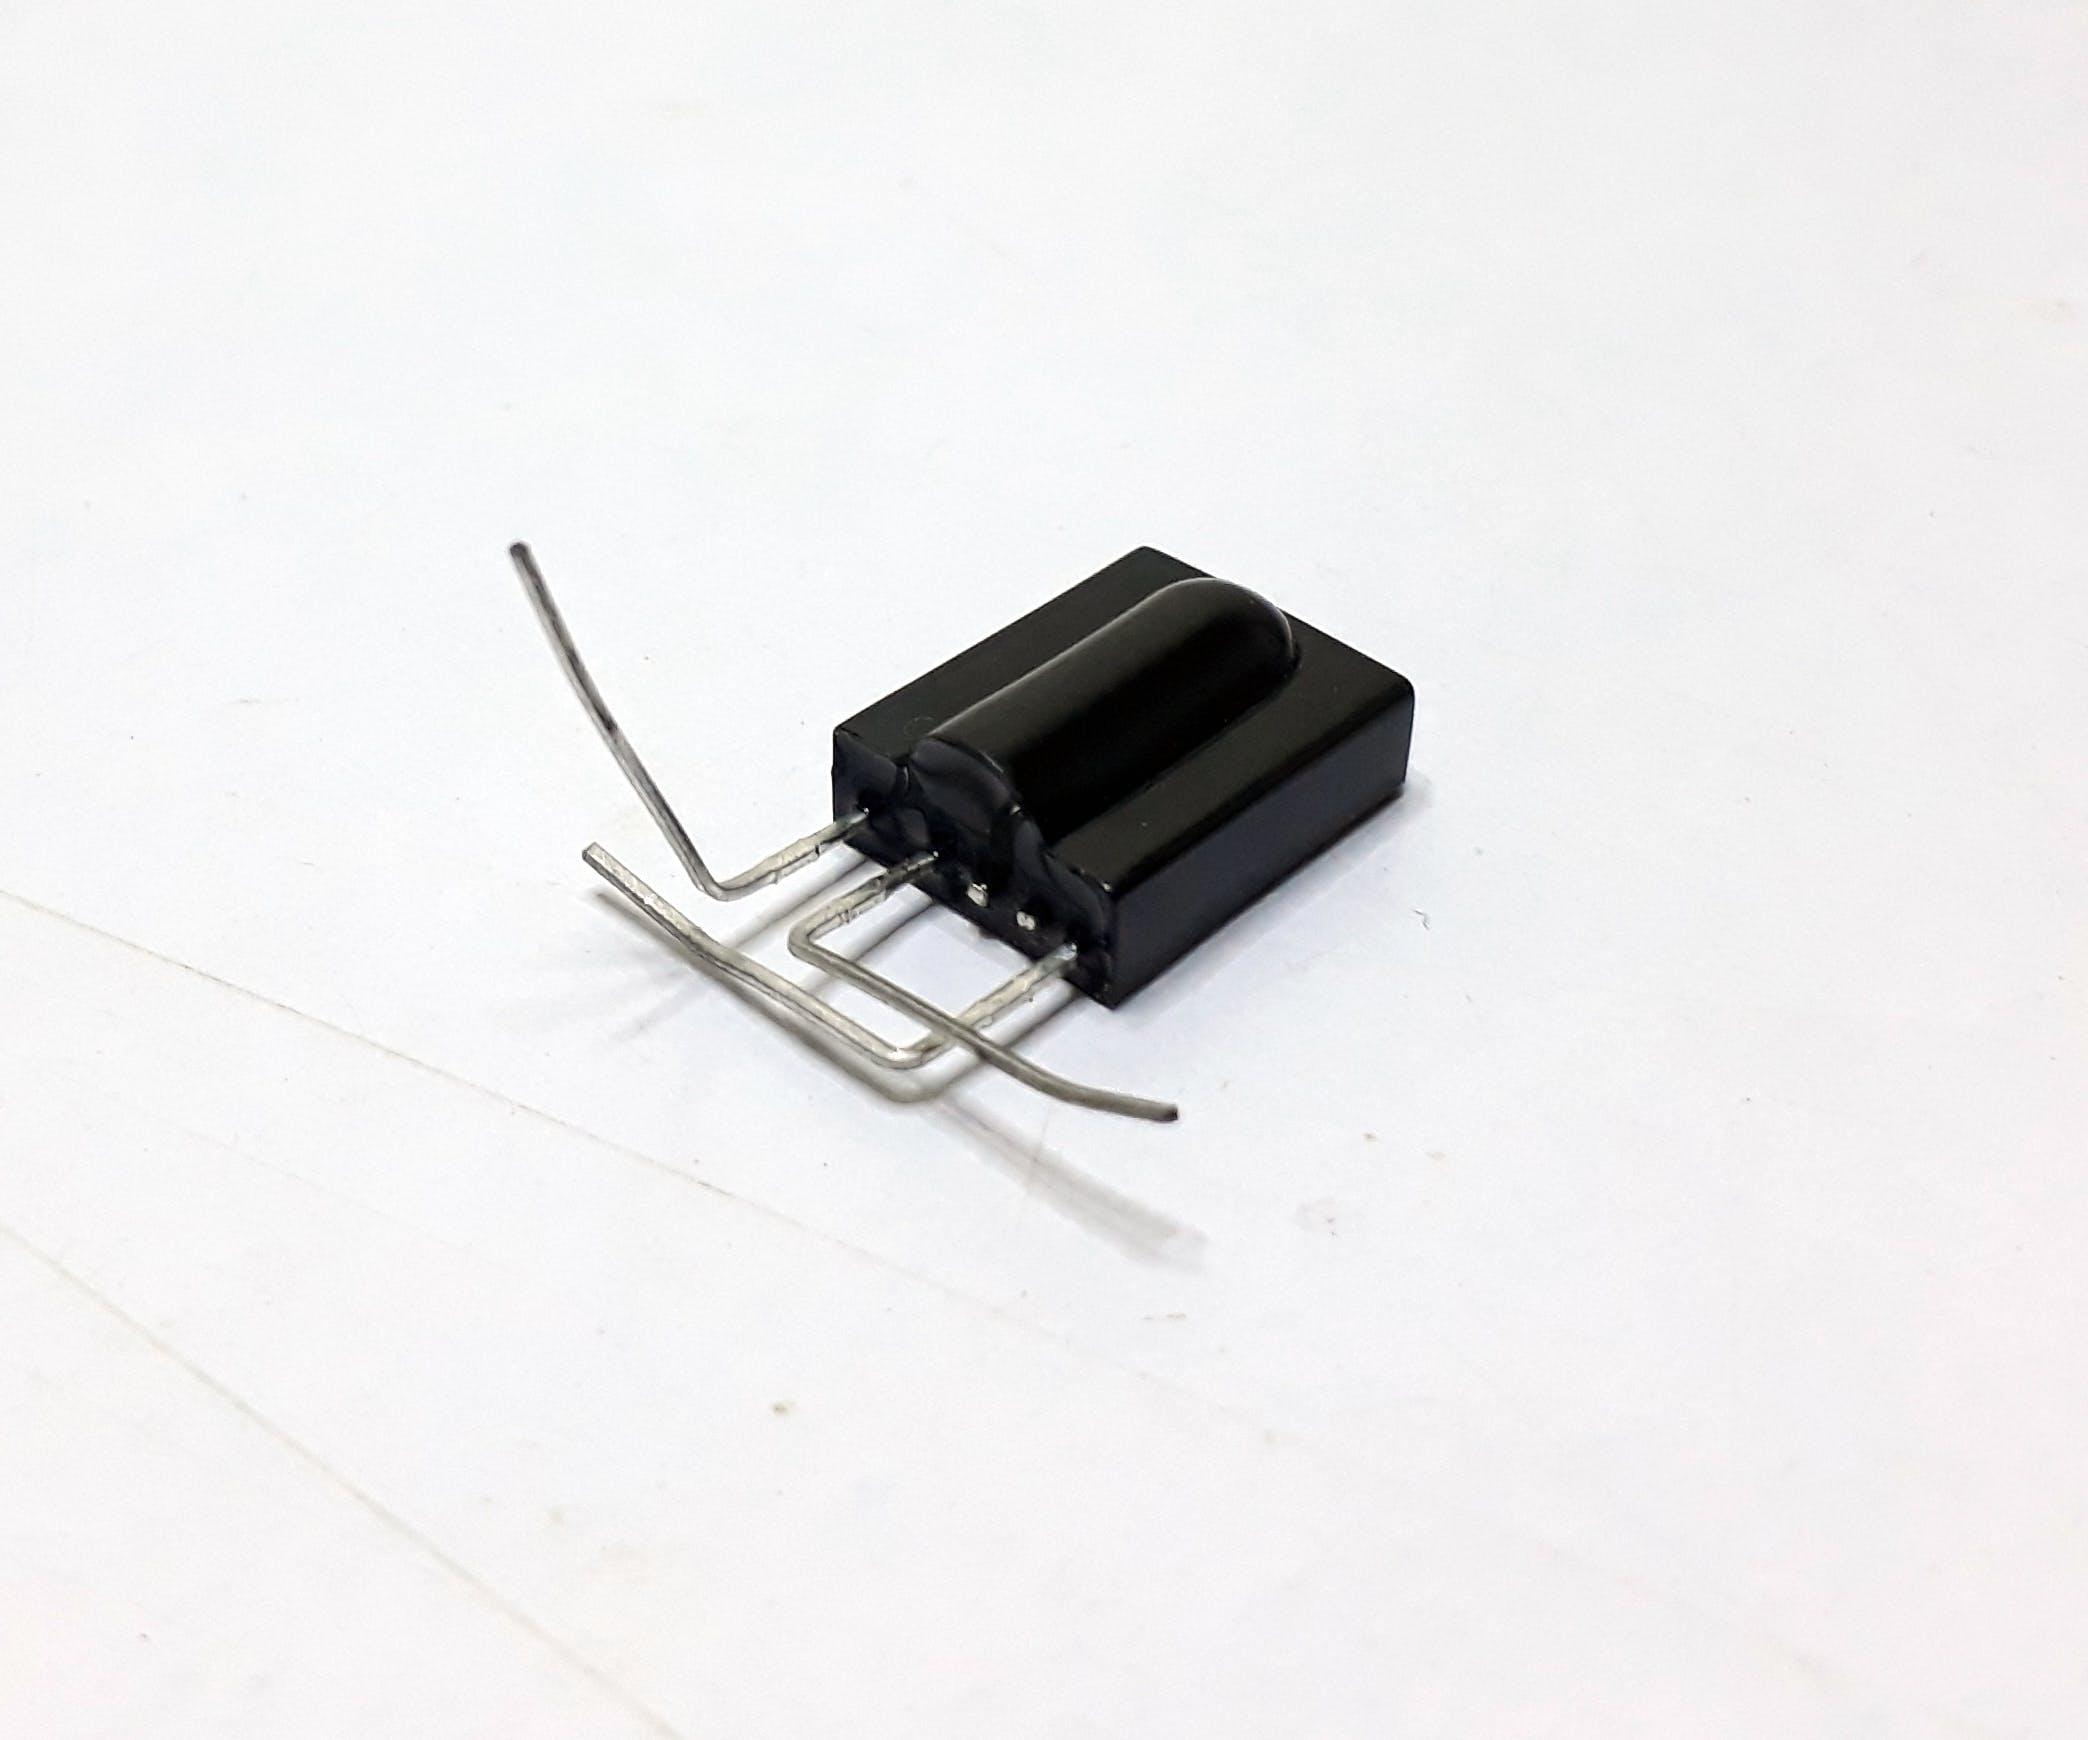 TSOP1738 pin bending for mounting